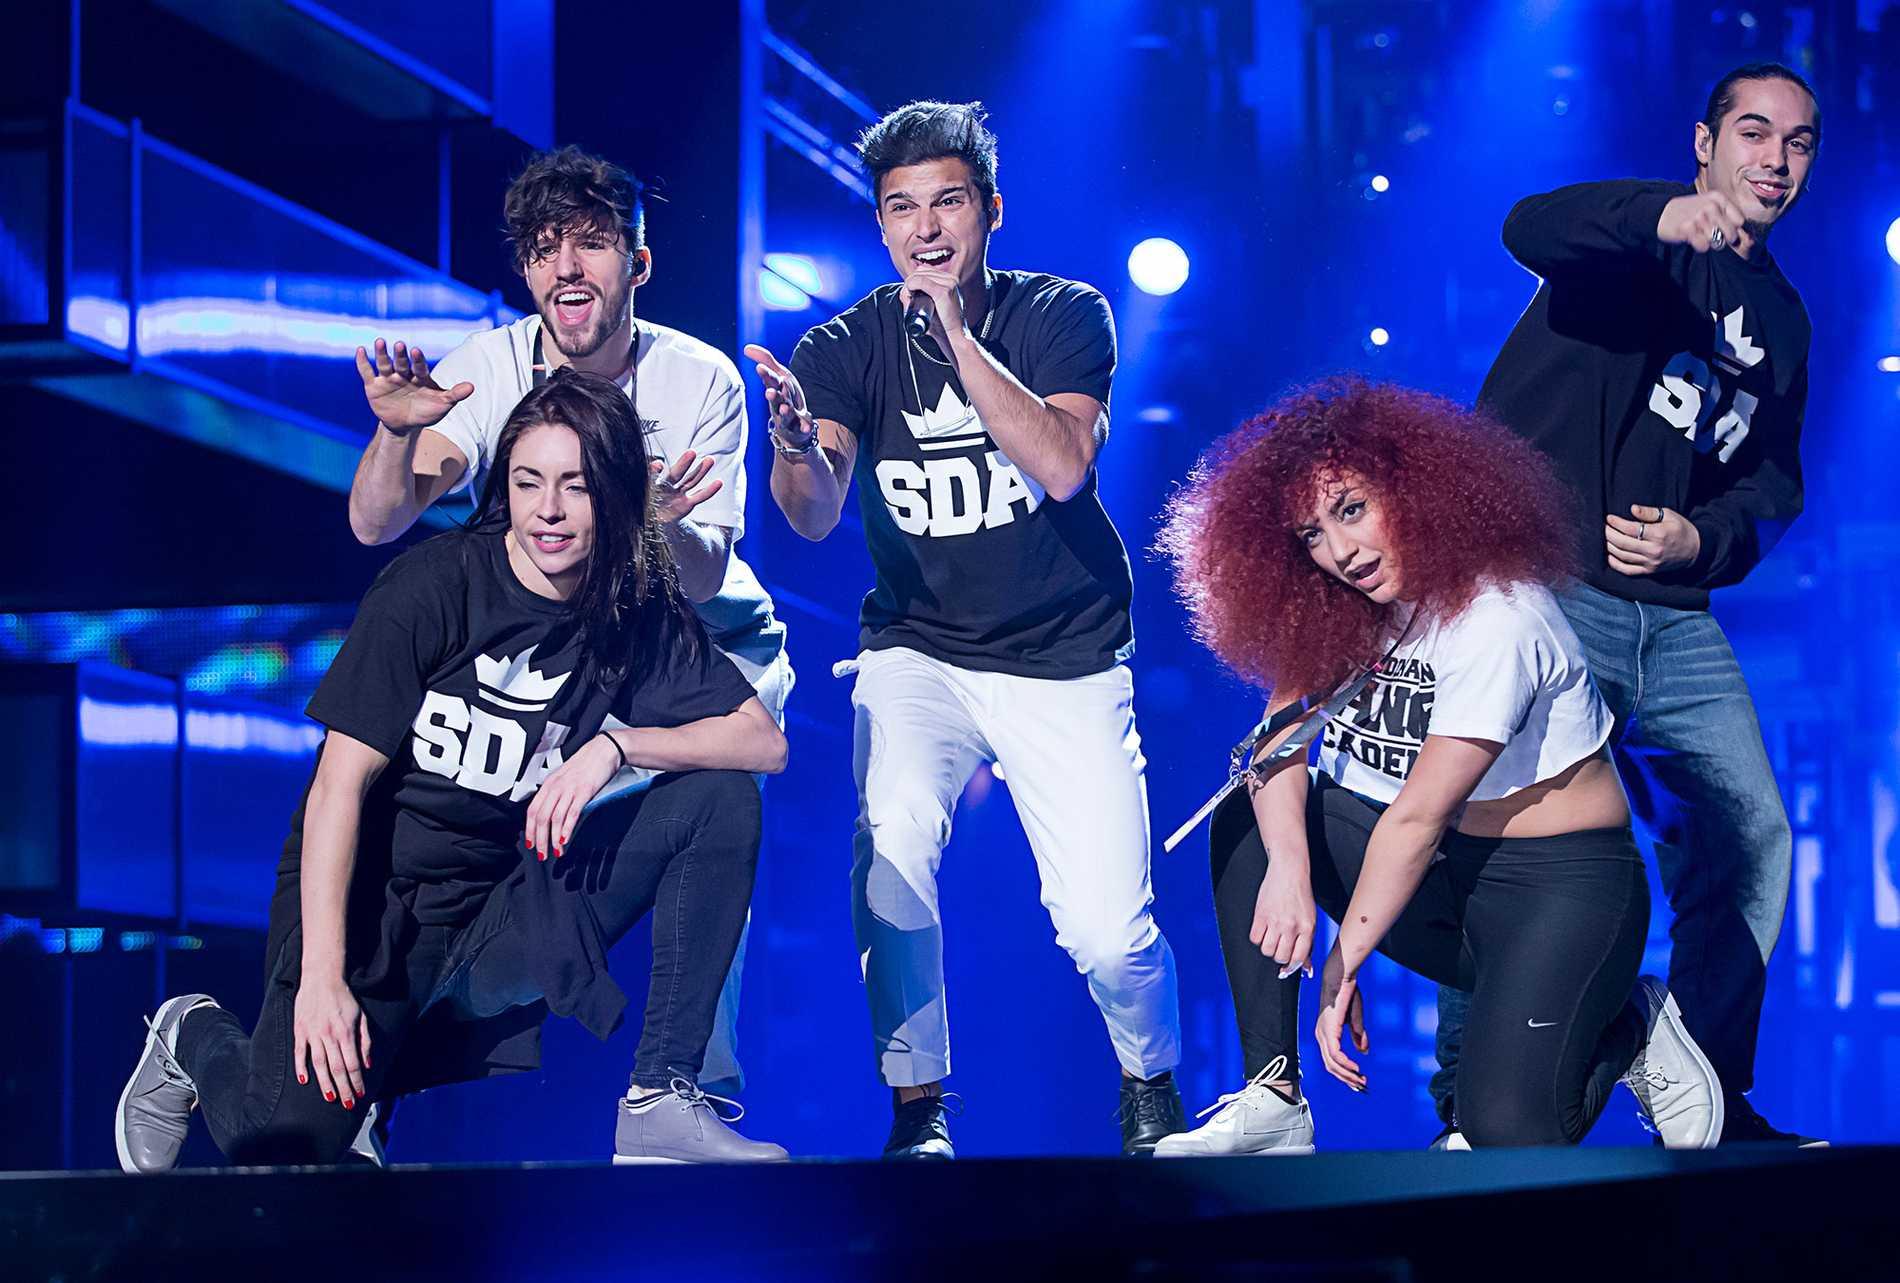 Eric Saade, i mitten, är spelbolagens oddfavorit till segern i Melodifestivalen.